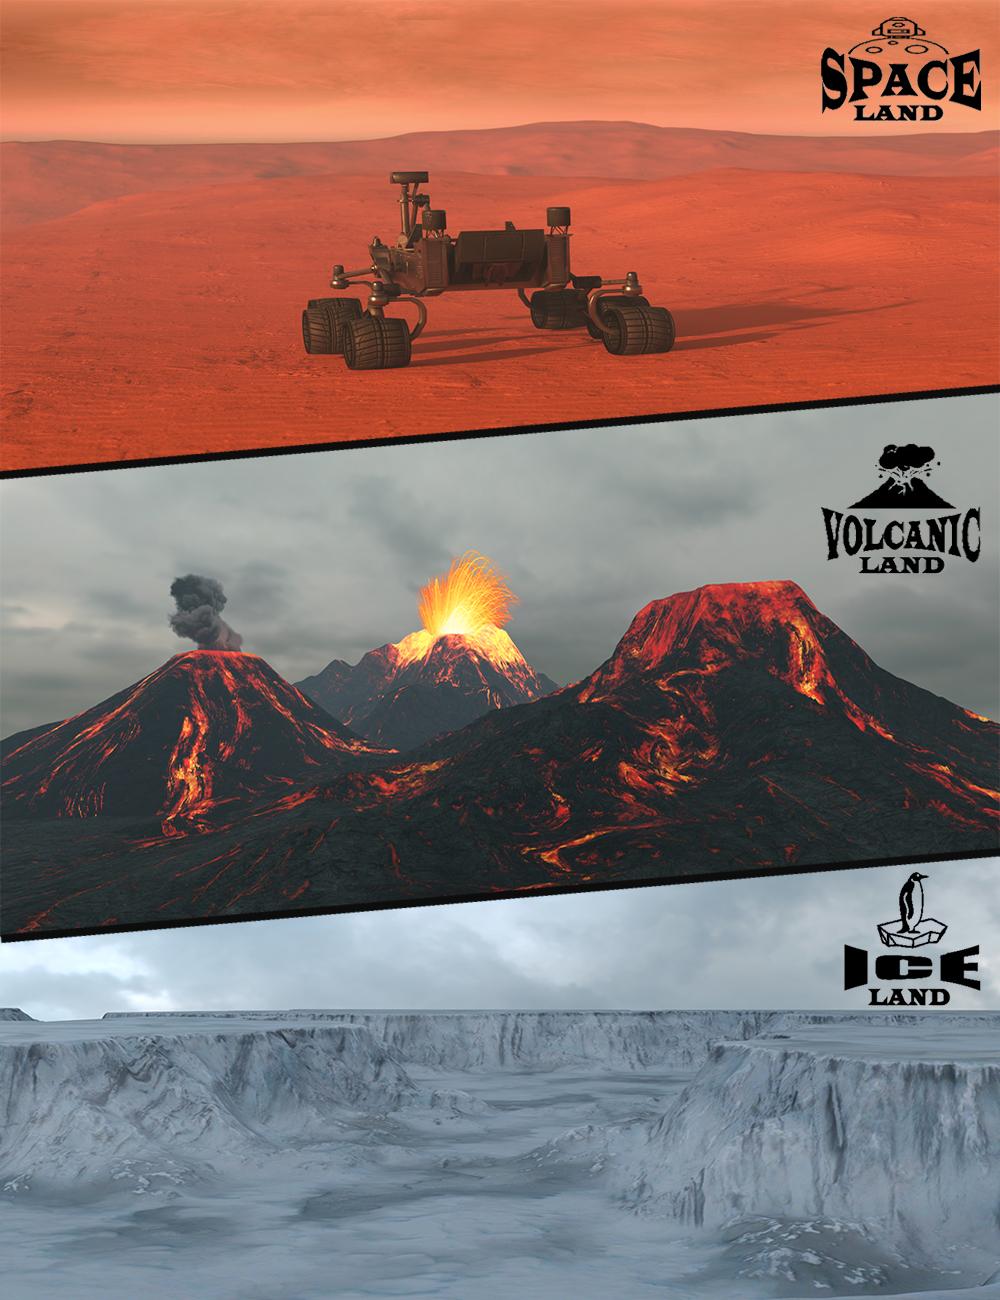 Mega Landscape Bundle 2 by: 3dLab, 3D Models by Daz 3D